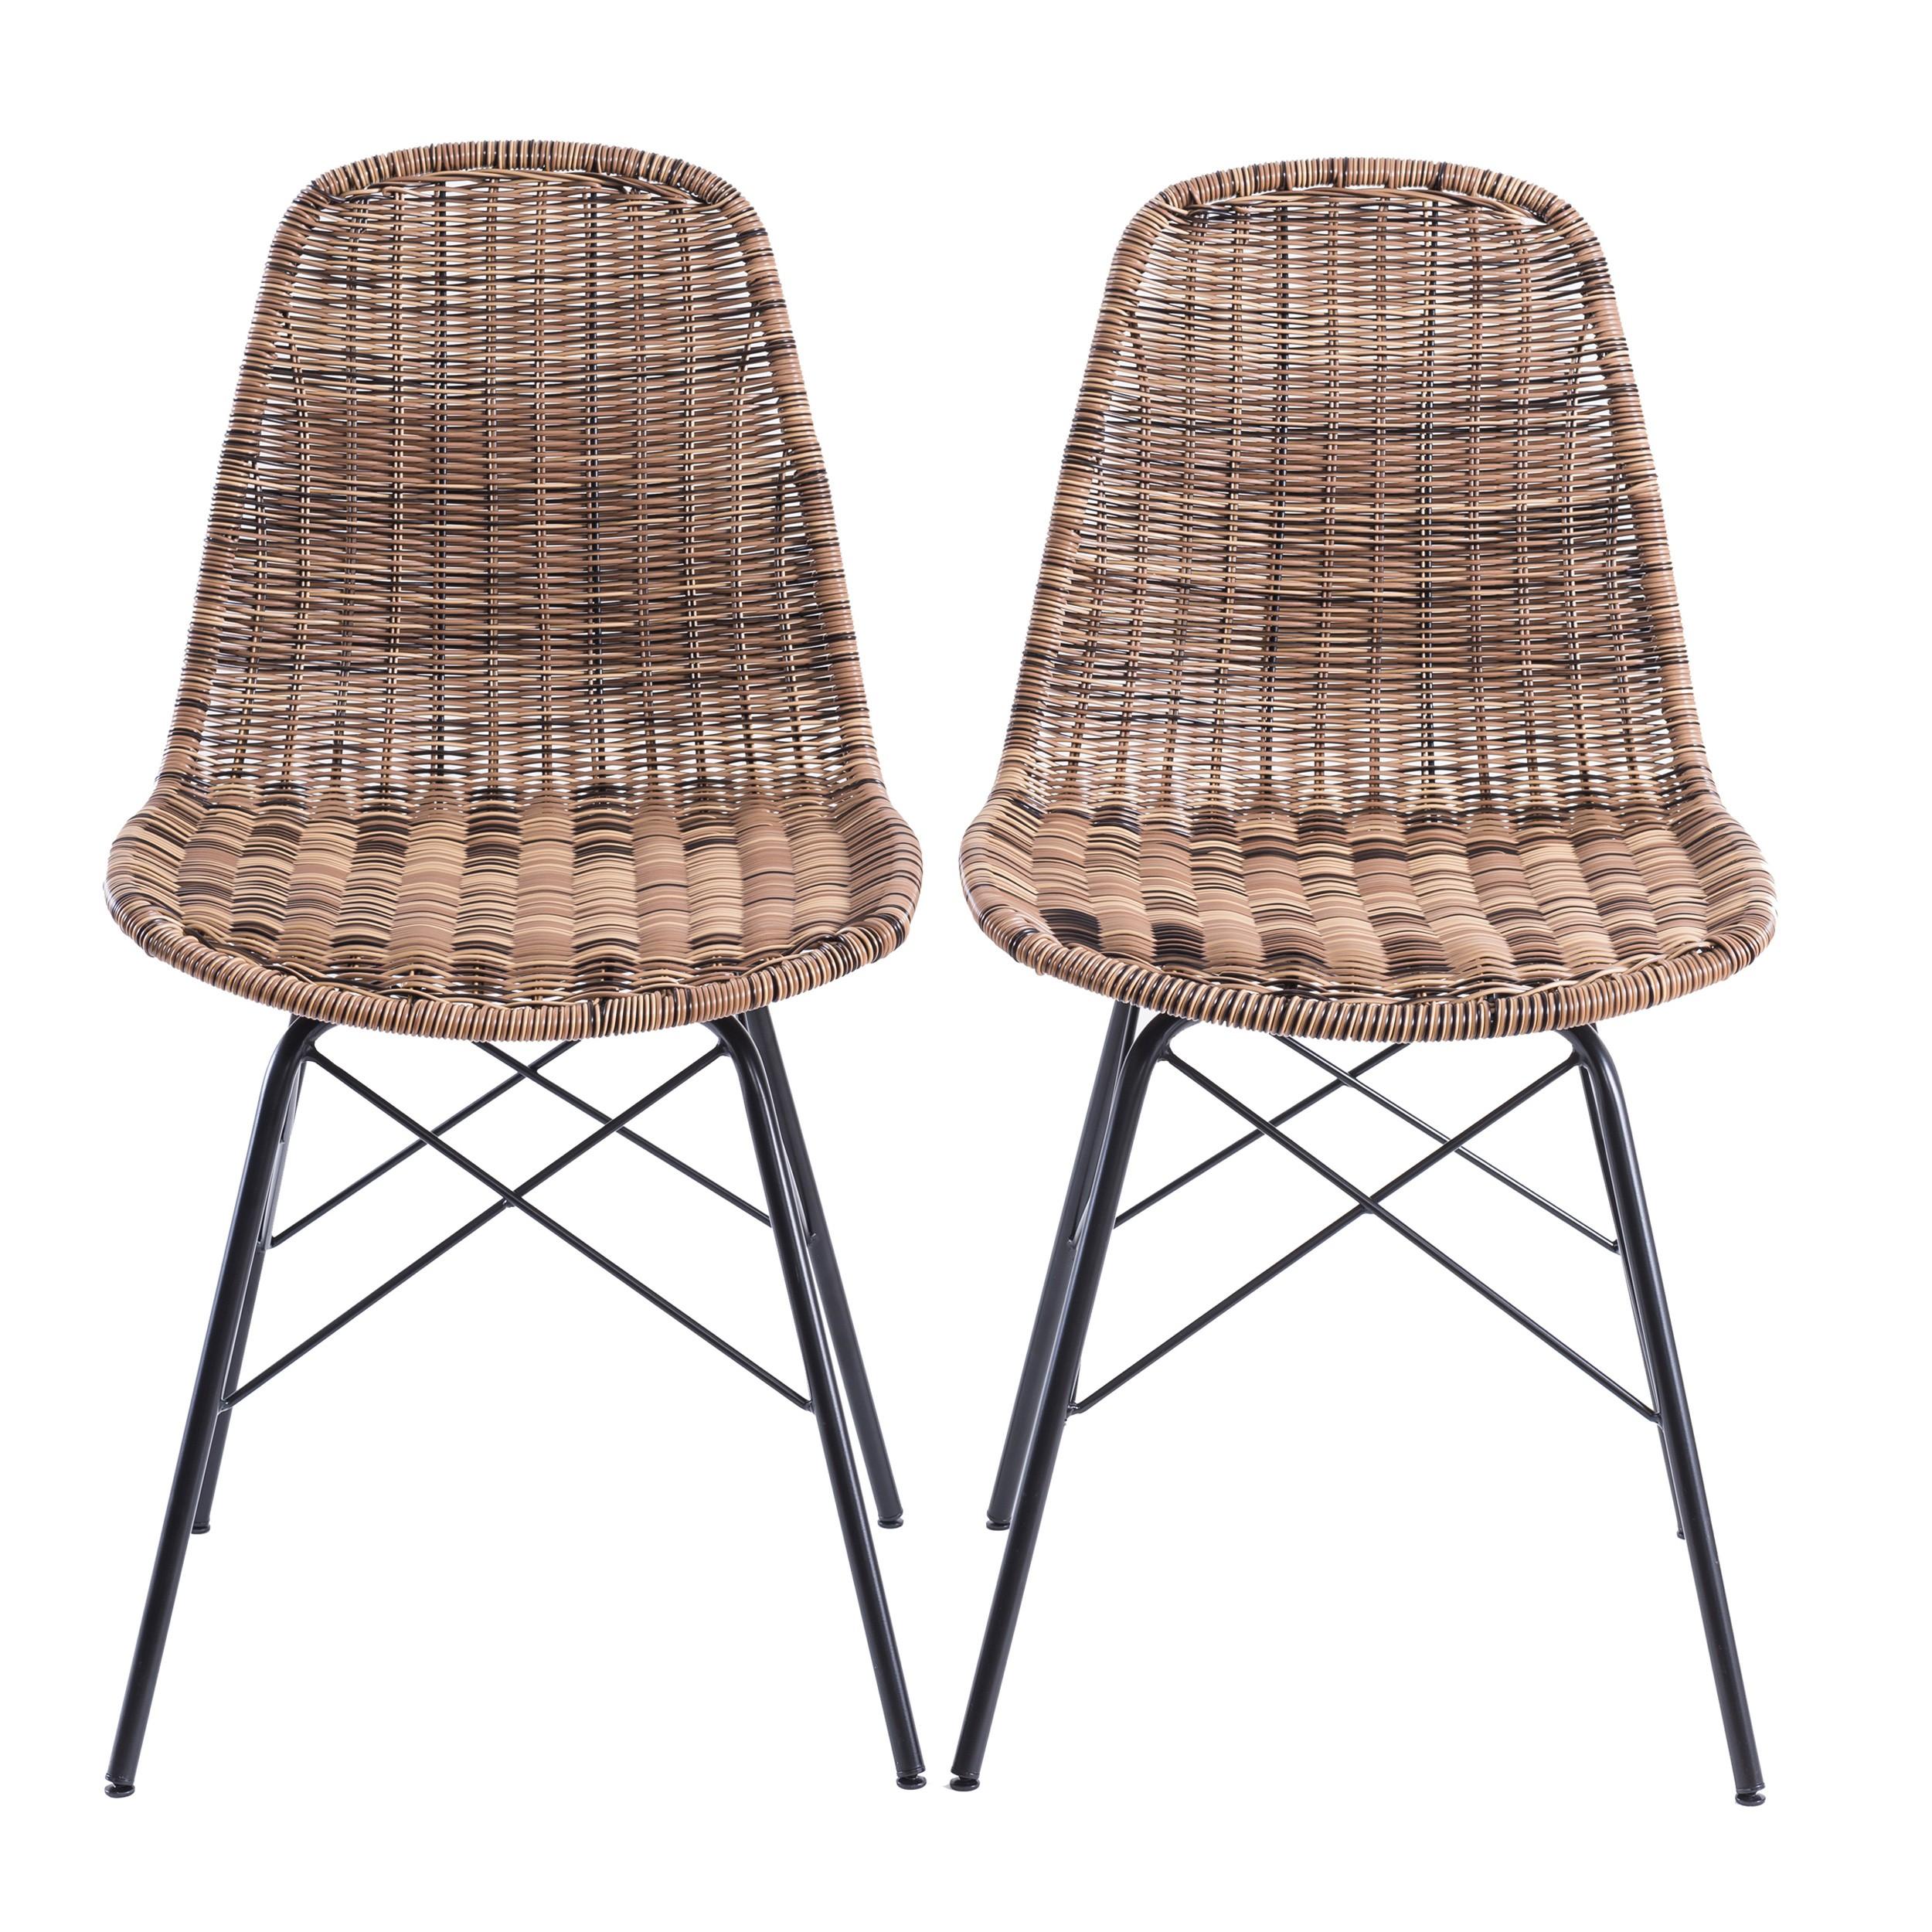 Chaise tiptur en r sine tress e naturelle lot de 2 for Acheter chaise design